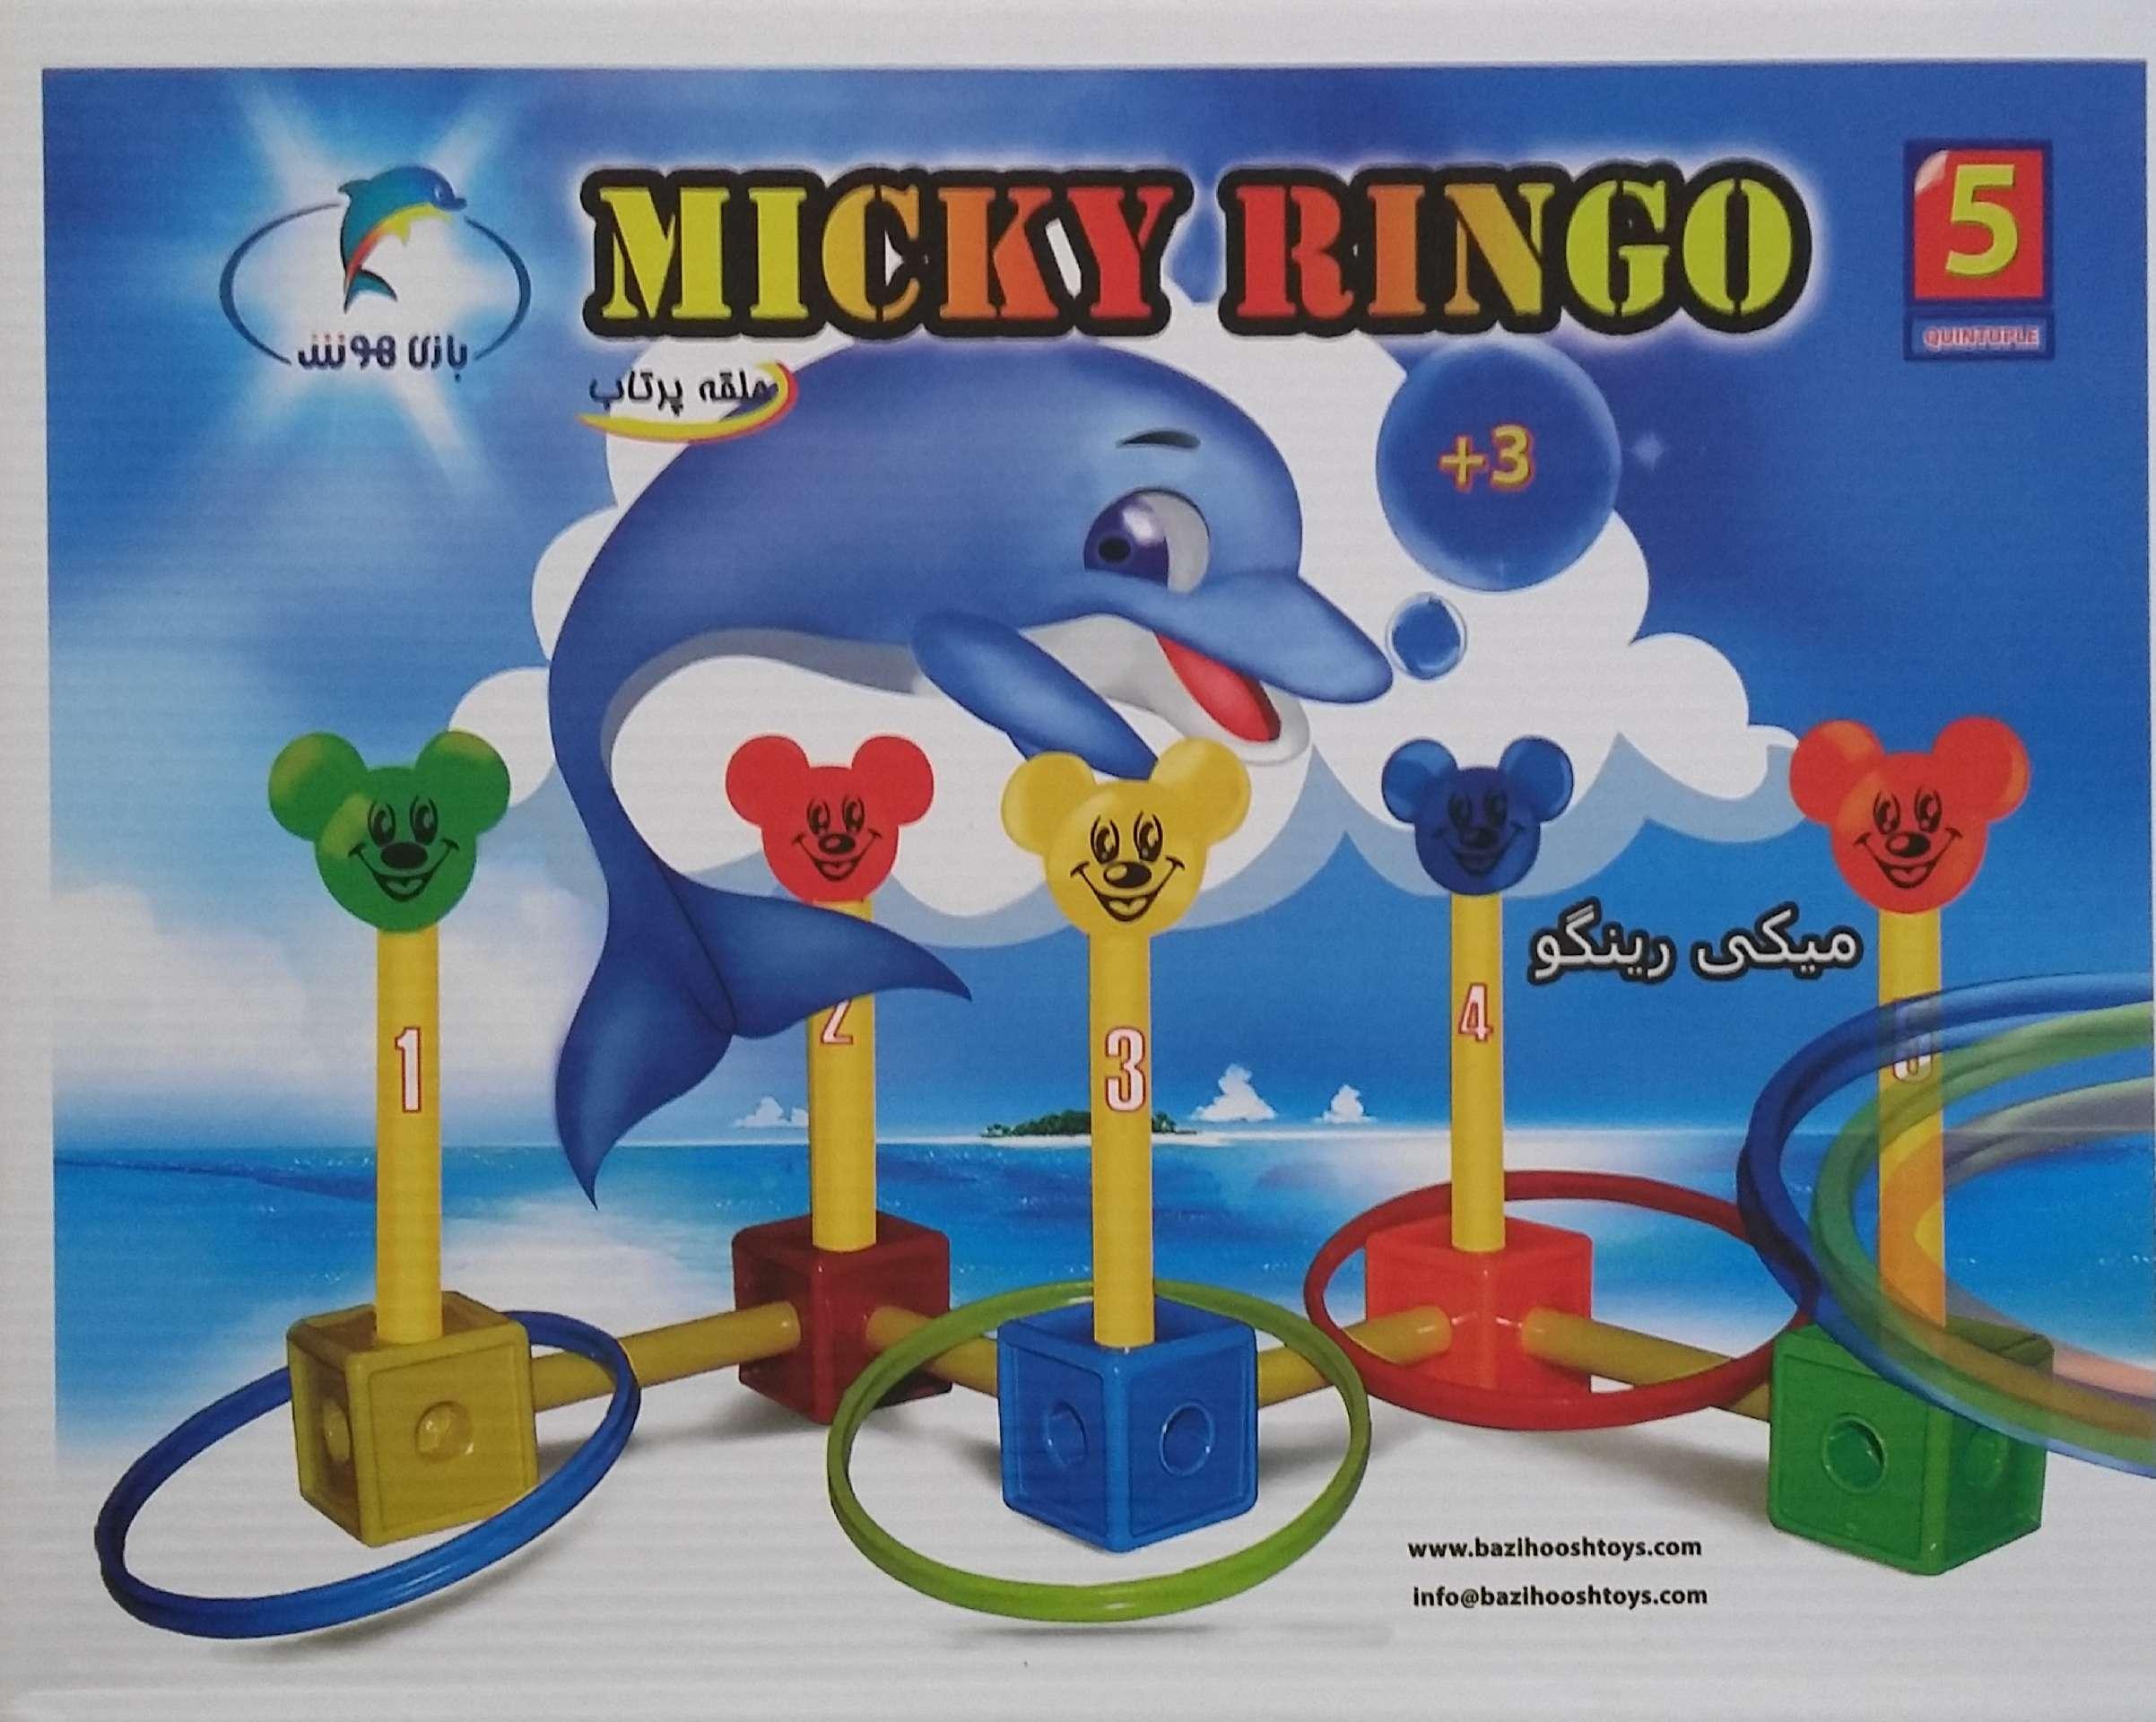 حلقه-پرتاب-ميكي-رينگو